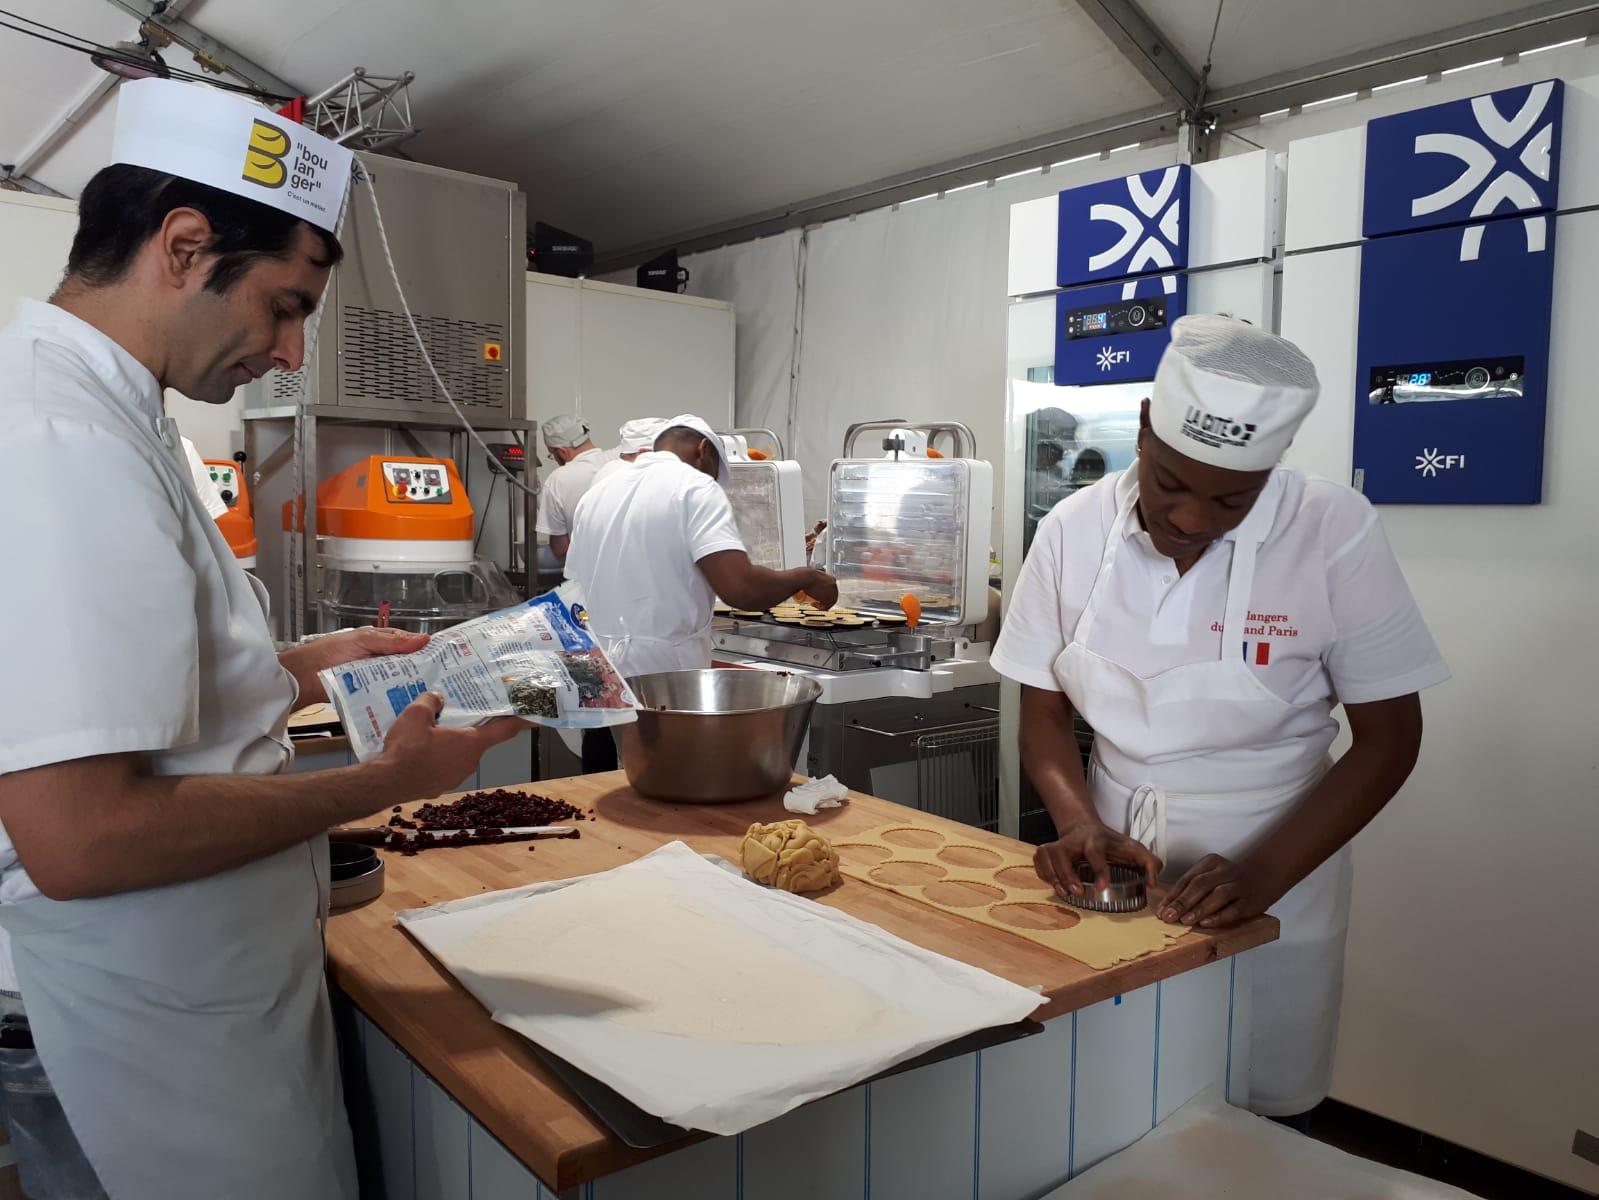 Wendlyne sous le regard d'un boulanger français observant un produit servant à l'une des recettes.